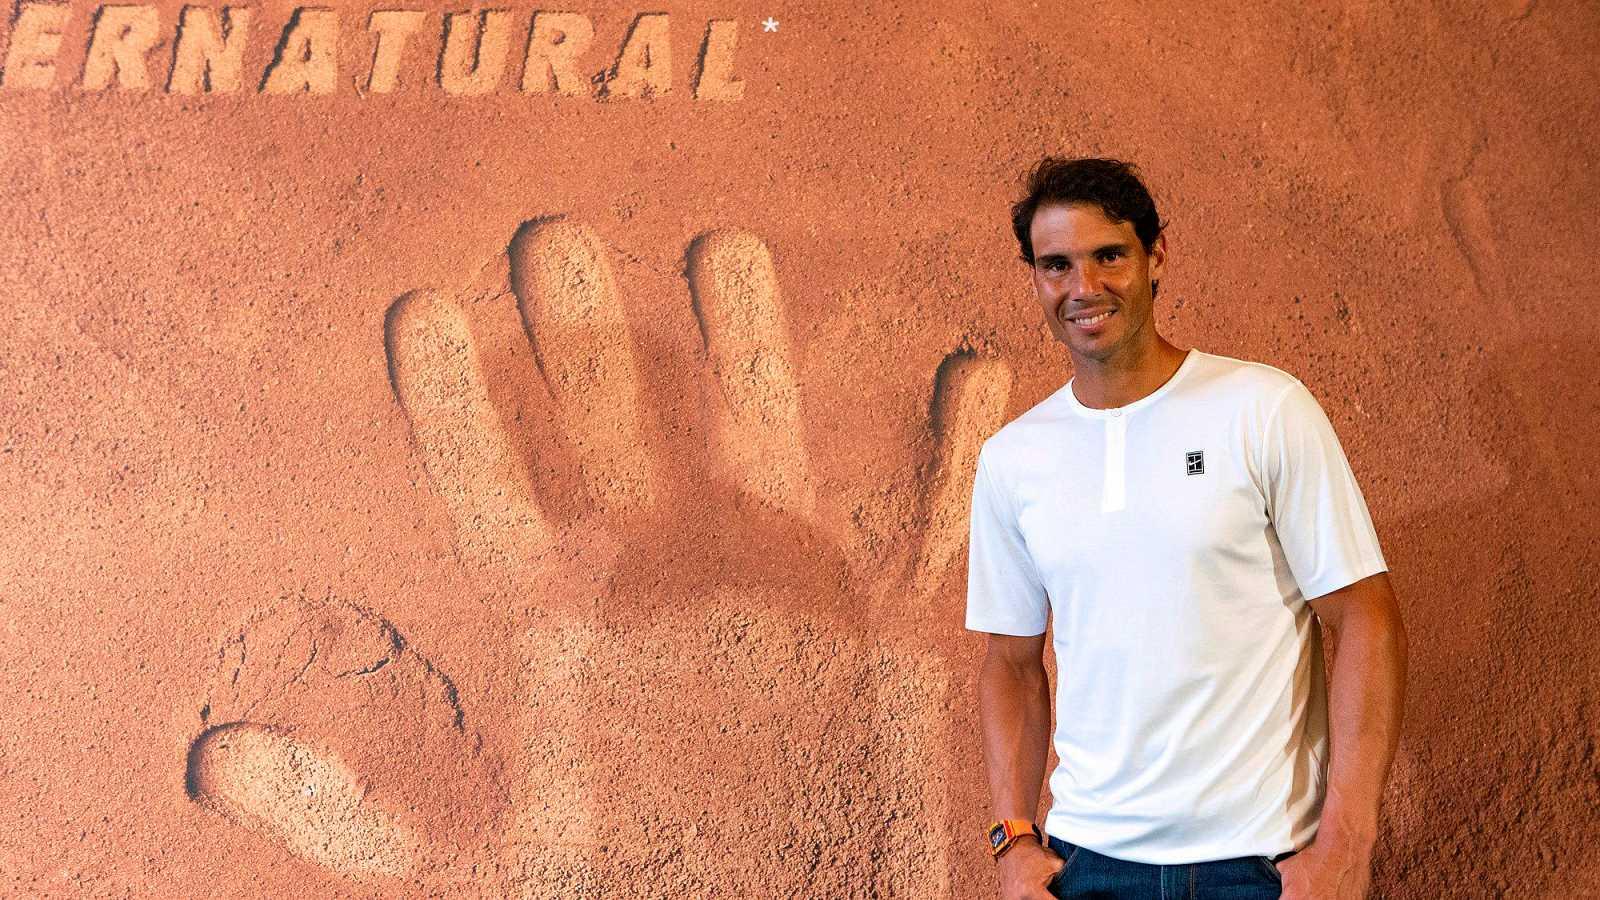 París podrá disfrutar para siempre de las manos de Rafa Nadal, que las ha plasmado en arcilla para el museo Pompidou, tras conquistar su undécimo título en Roland Garros.